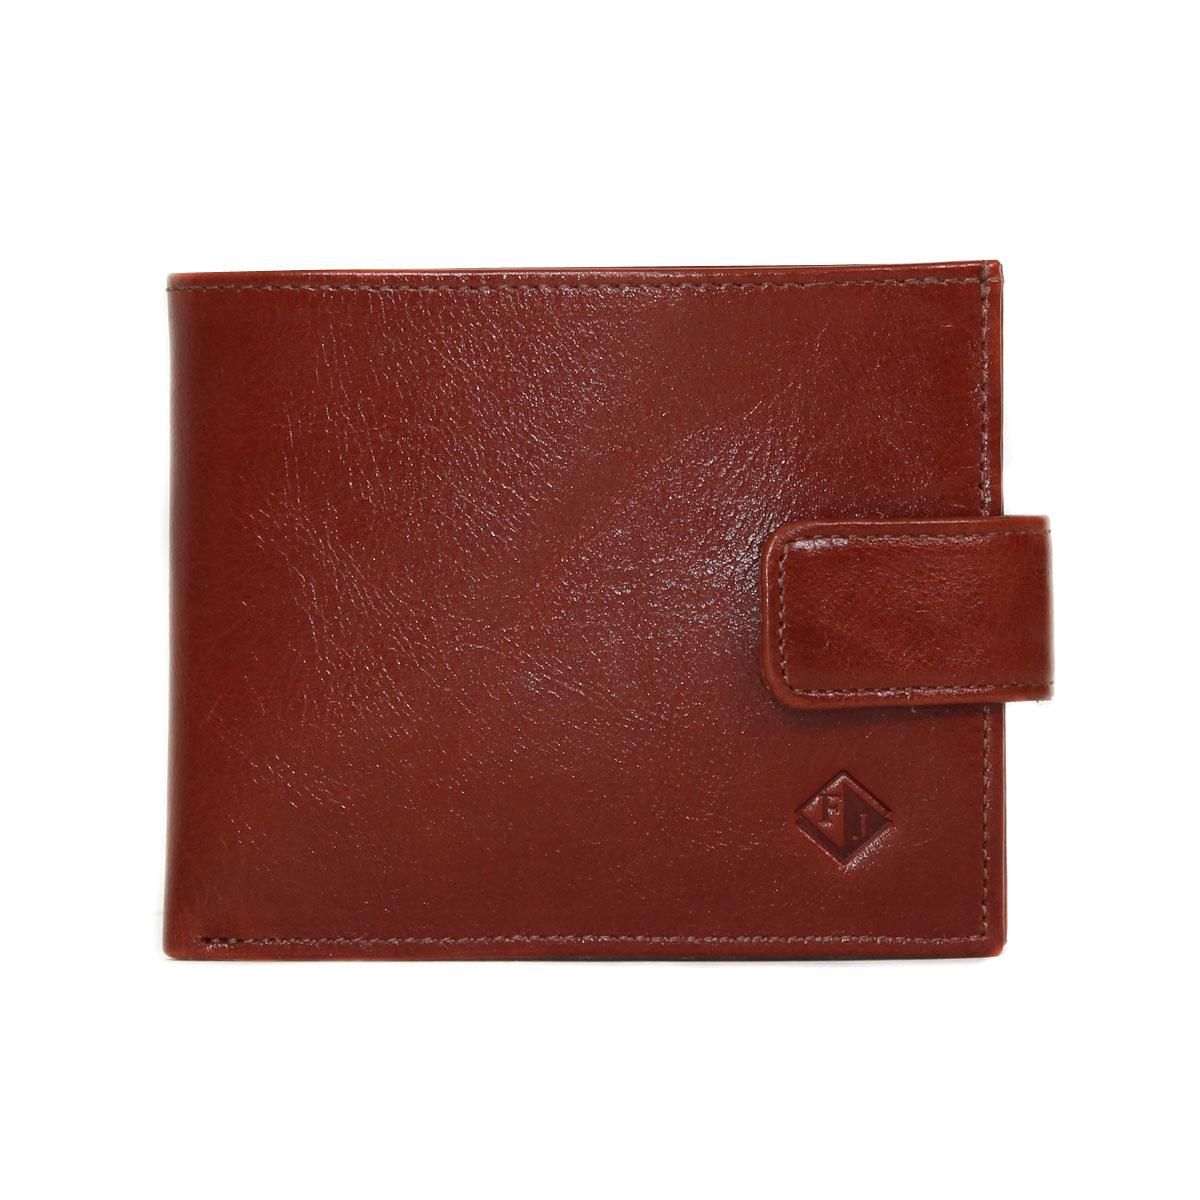 Портмоне муж. Flioraj, цвет: коричневый. 0005112400051124Портмоне мужское на цупфере, одно отделение для купюр, наборная визитница, монетник.